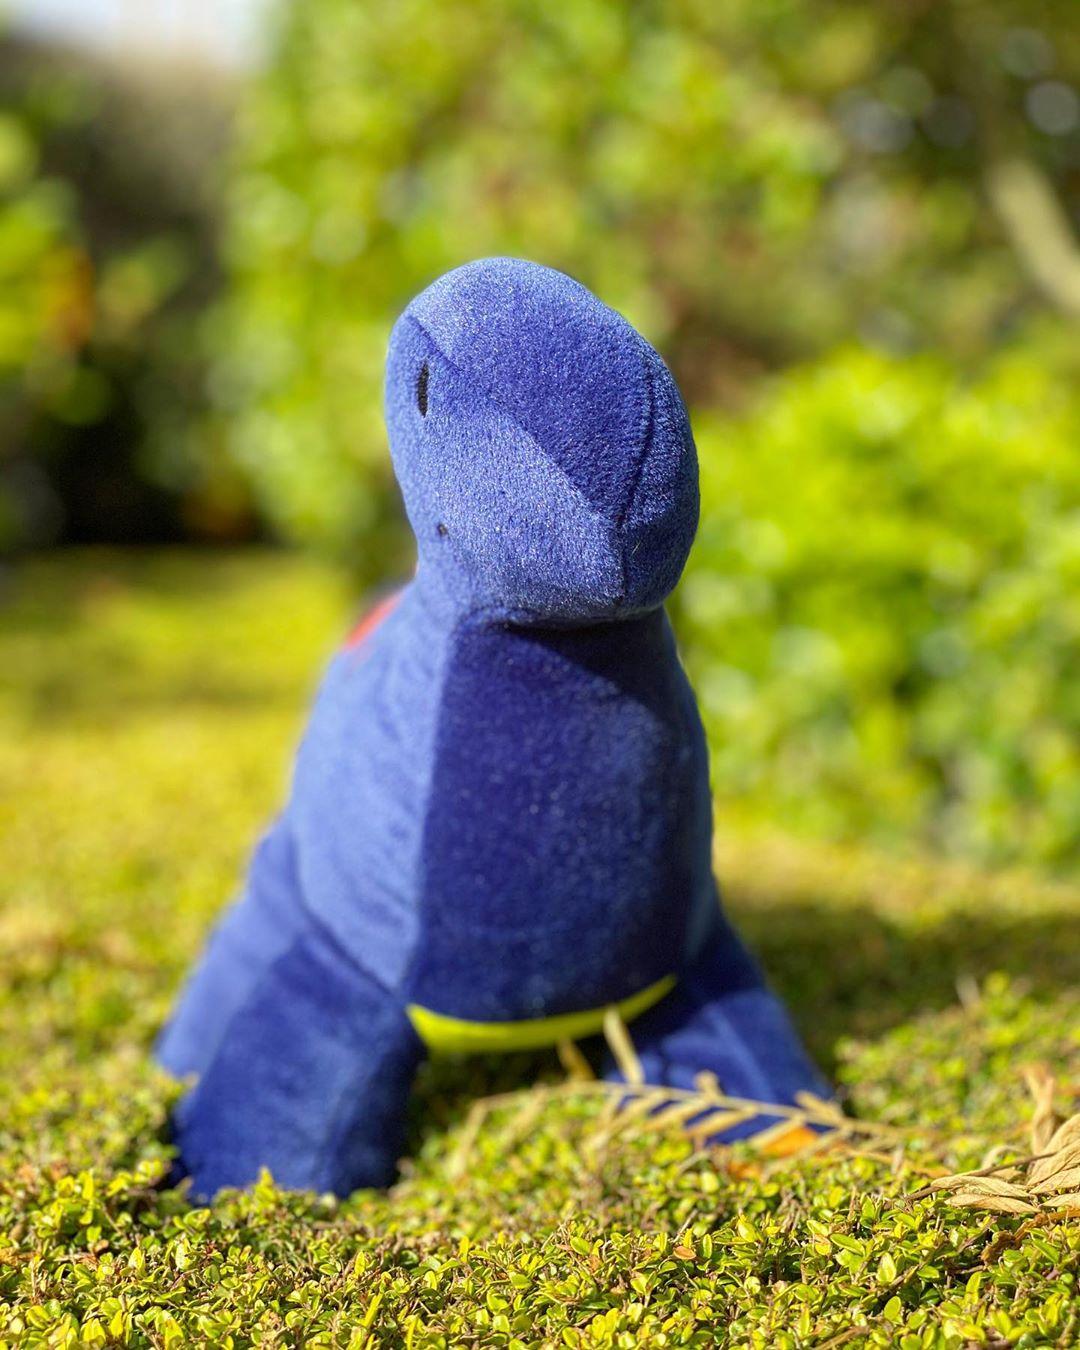 Purple Dinosaur Stuffed Animal on Top of a Hedge - 11 April 2020